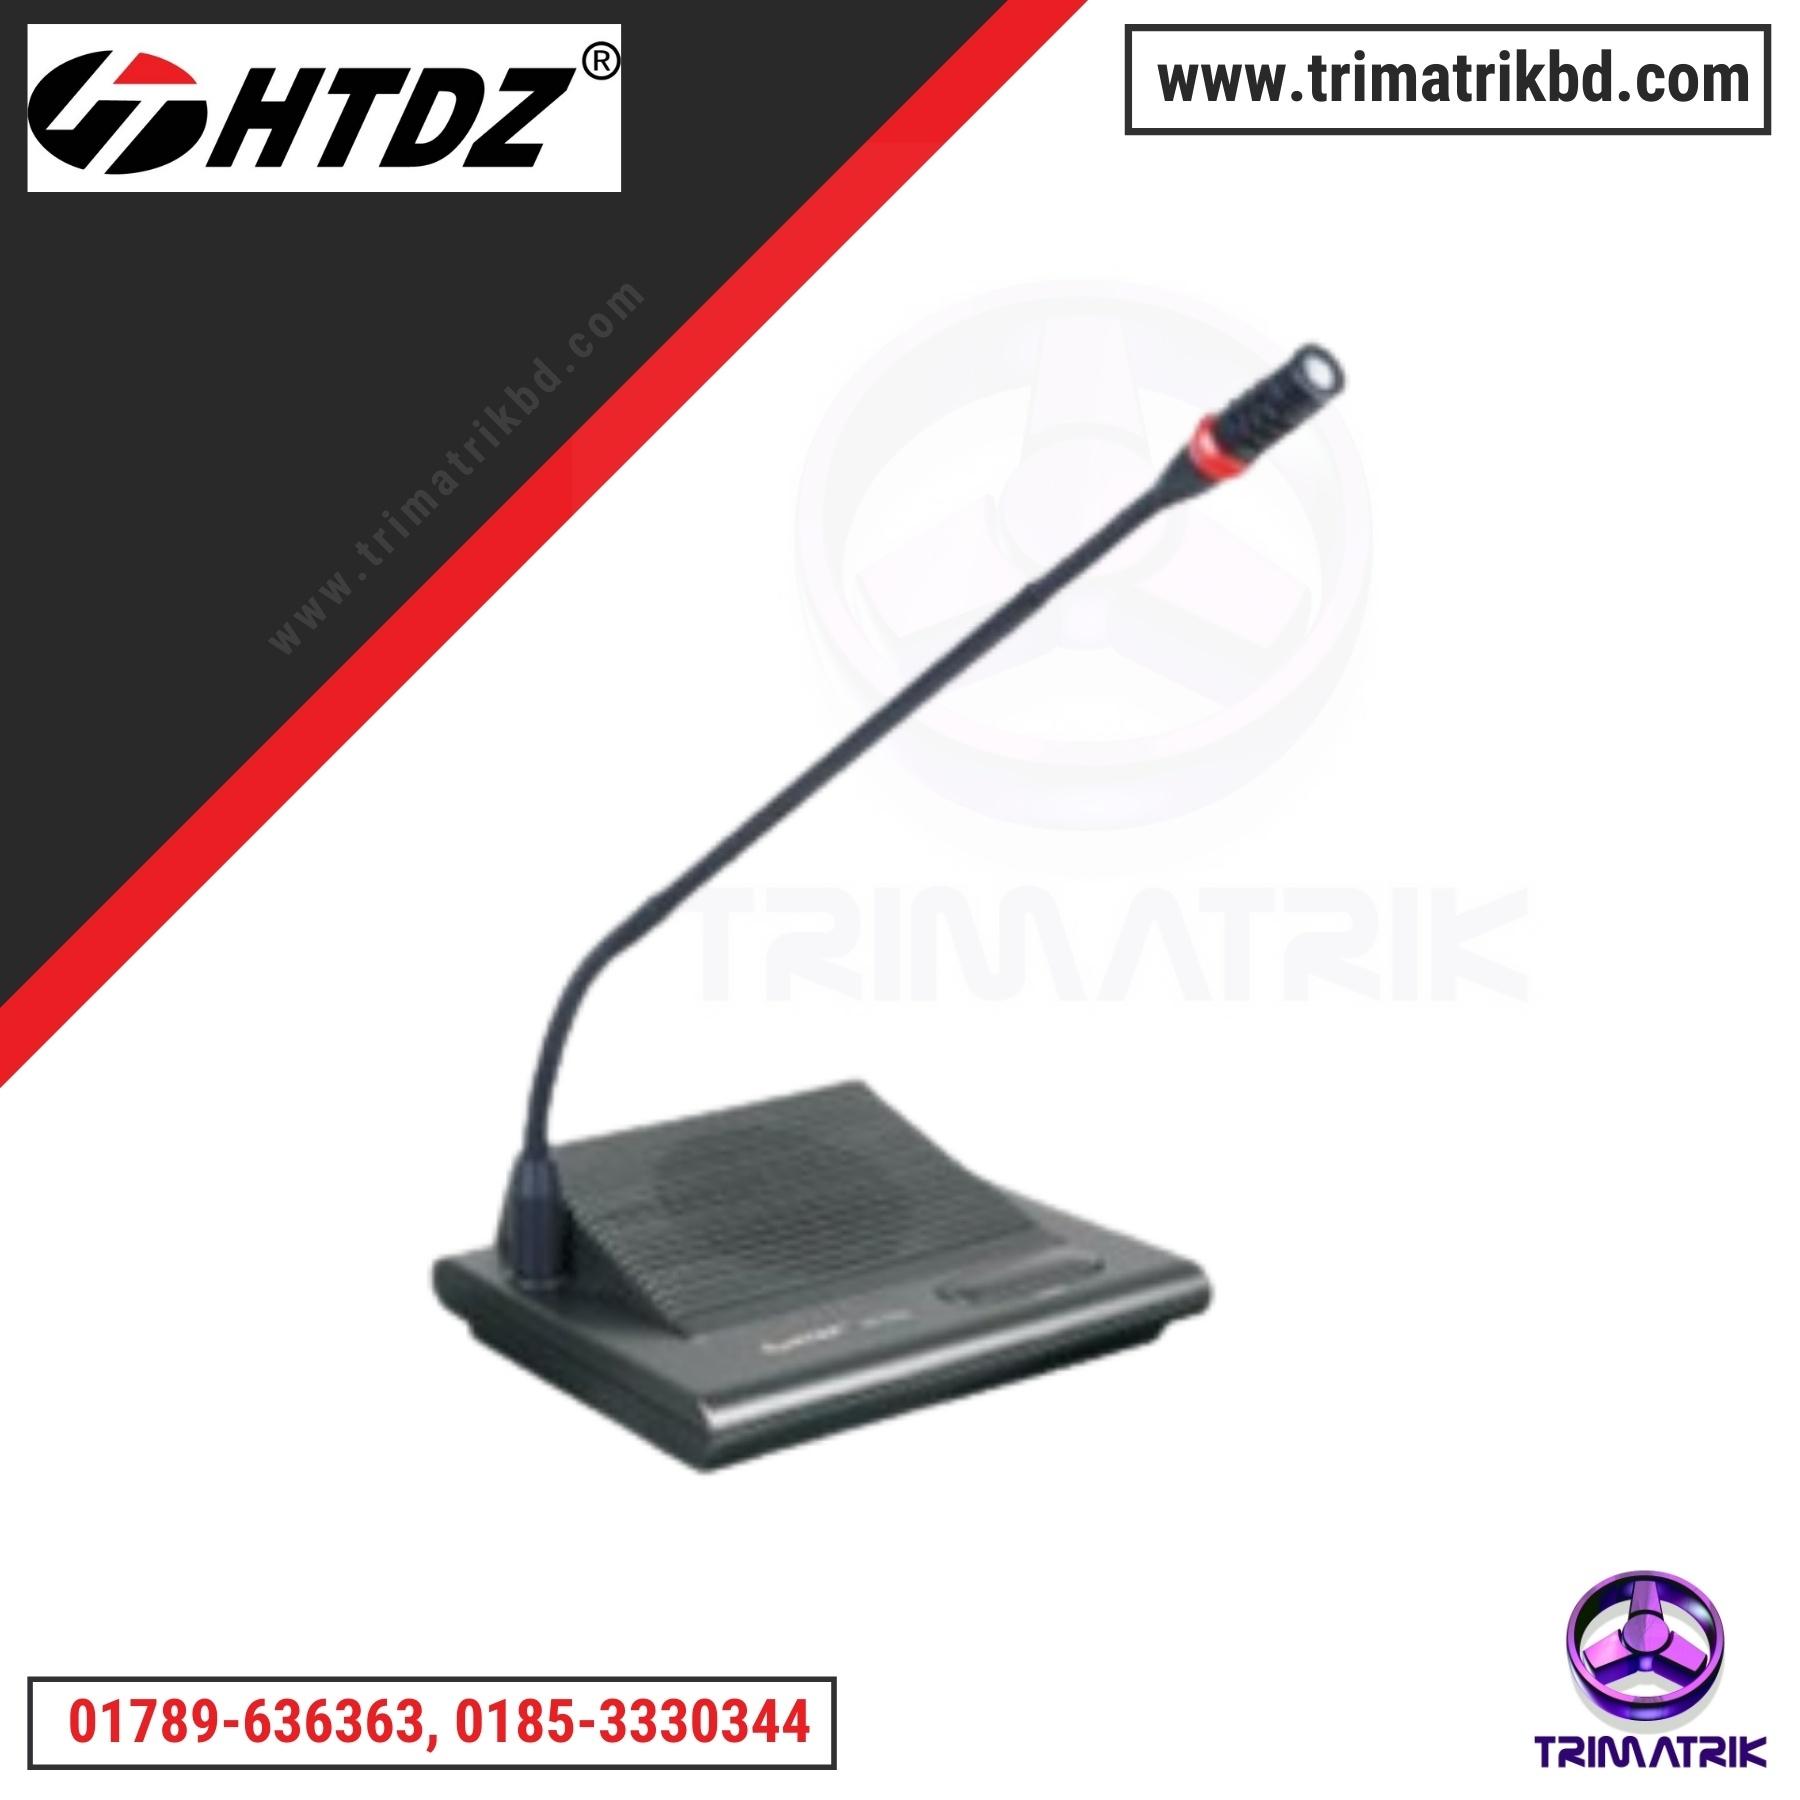 HTDZ HT-350D Bangladesh